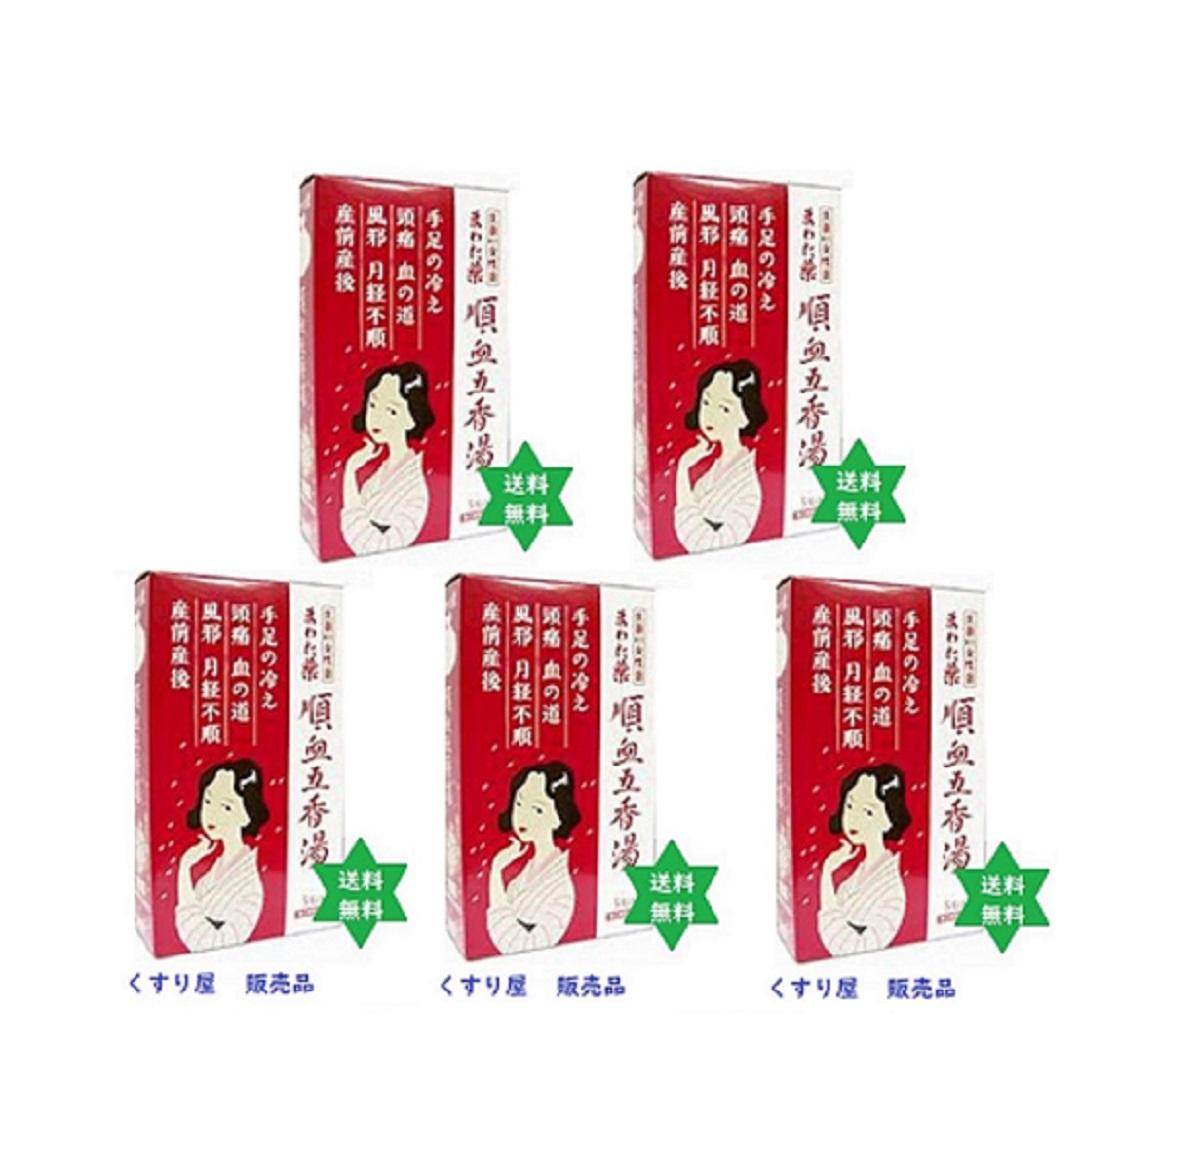 まわた薬順血五香湯12g5貼5箱・送込/日野薬品【第2類医薬品】